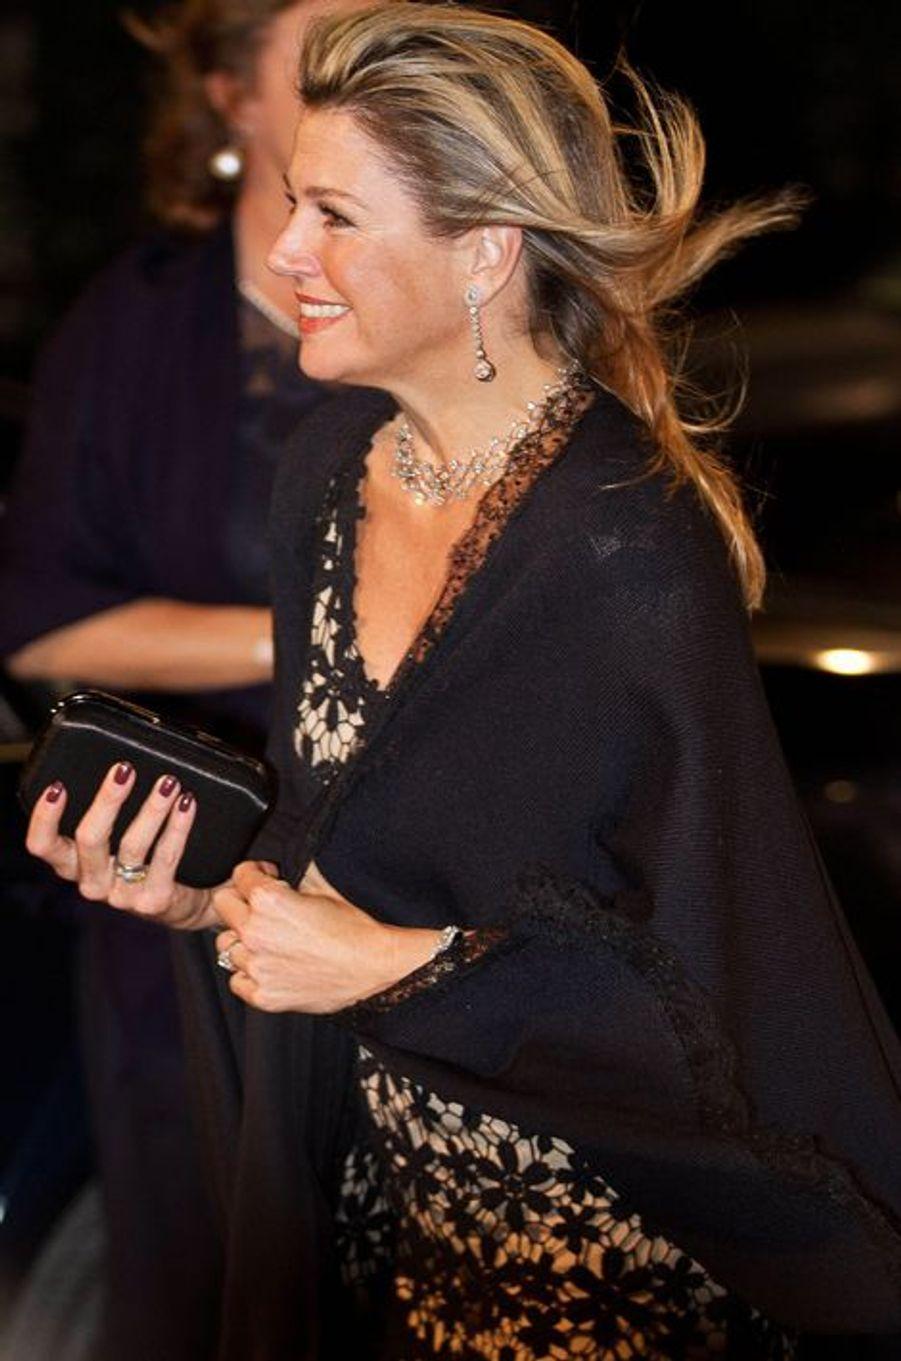 La reine Maxima des Pays-Bas à la soirée de gala du Concours international de piano Franz Liszt à Utrecht, le 8 novembre 2014